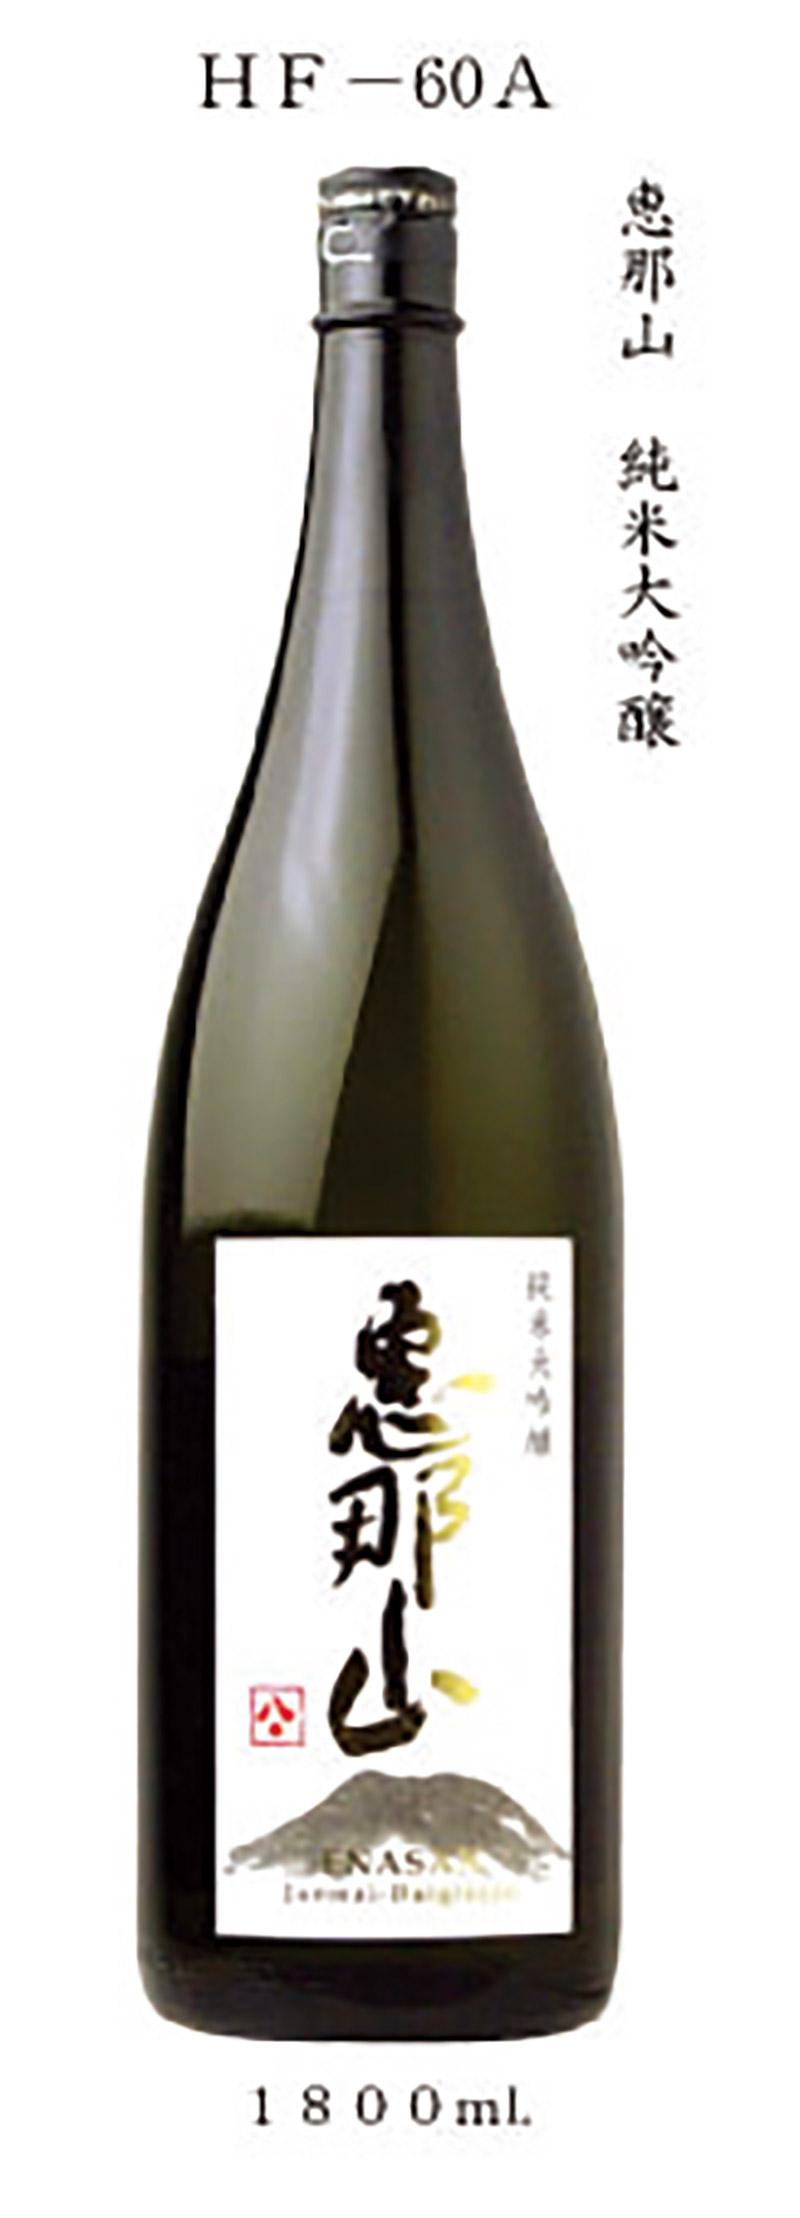 春の新作続々 ふるさと納税 20017 純米大吟醸 恵那山 ※ラッピング ※